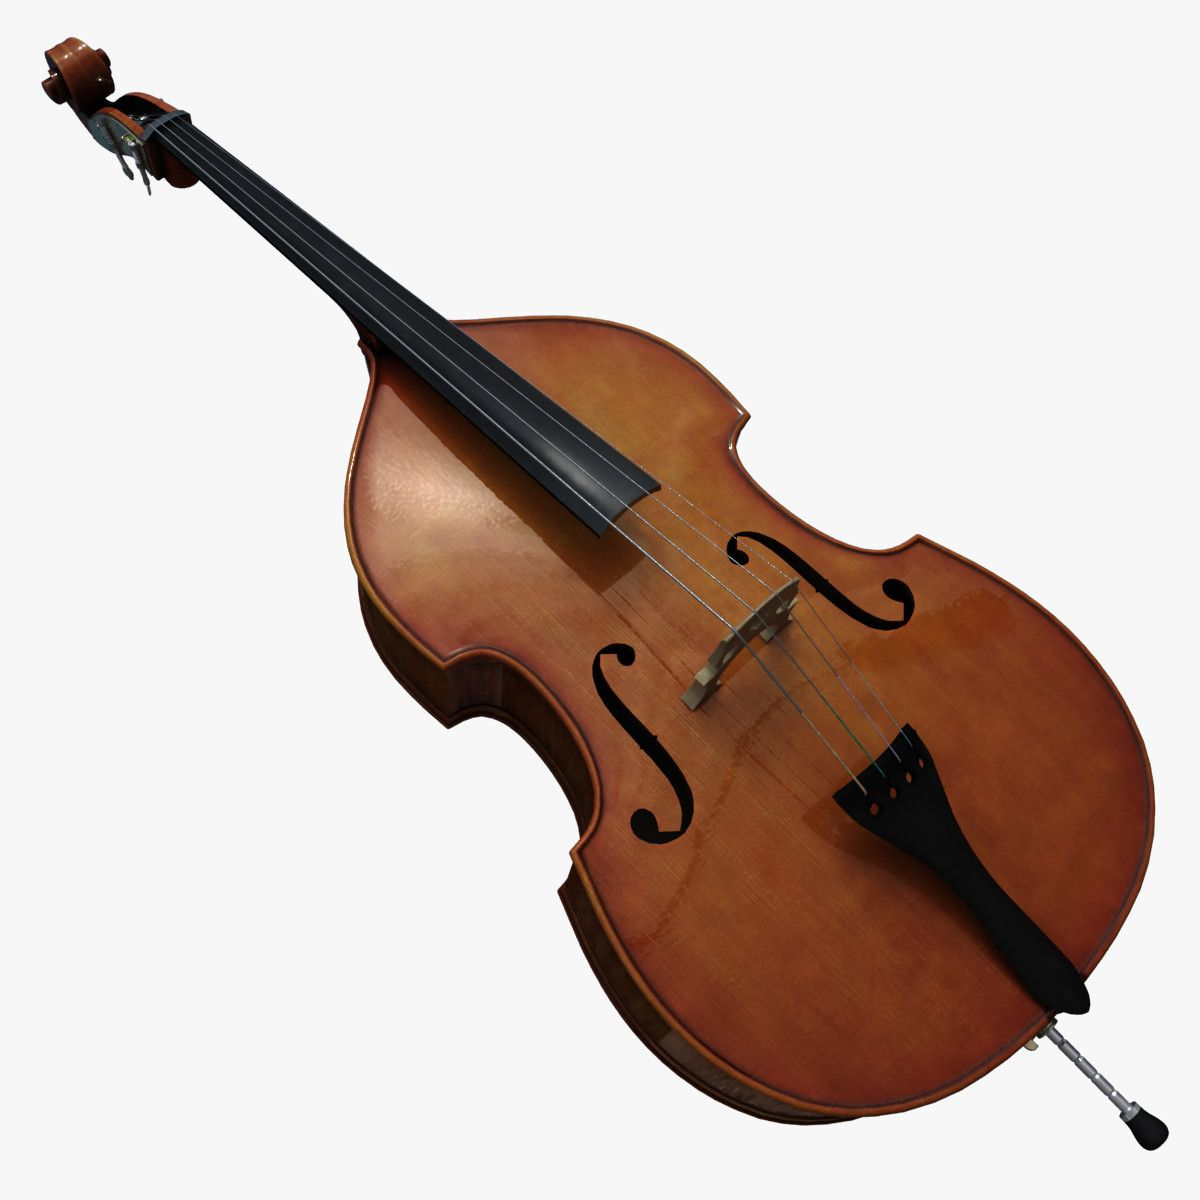 combo contrabass ukulele 3d max contrabas ukulele violin music instruments. Black Bedroom Furniture Sets. Home Design Ideas